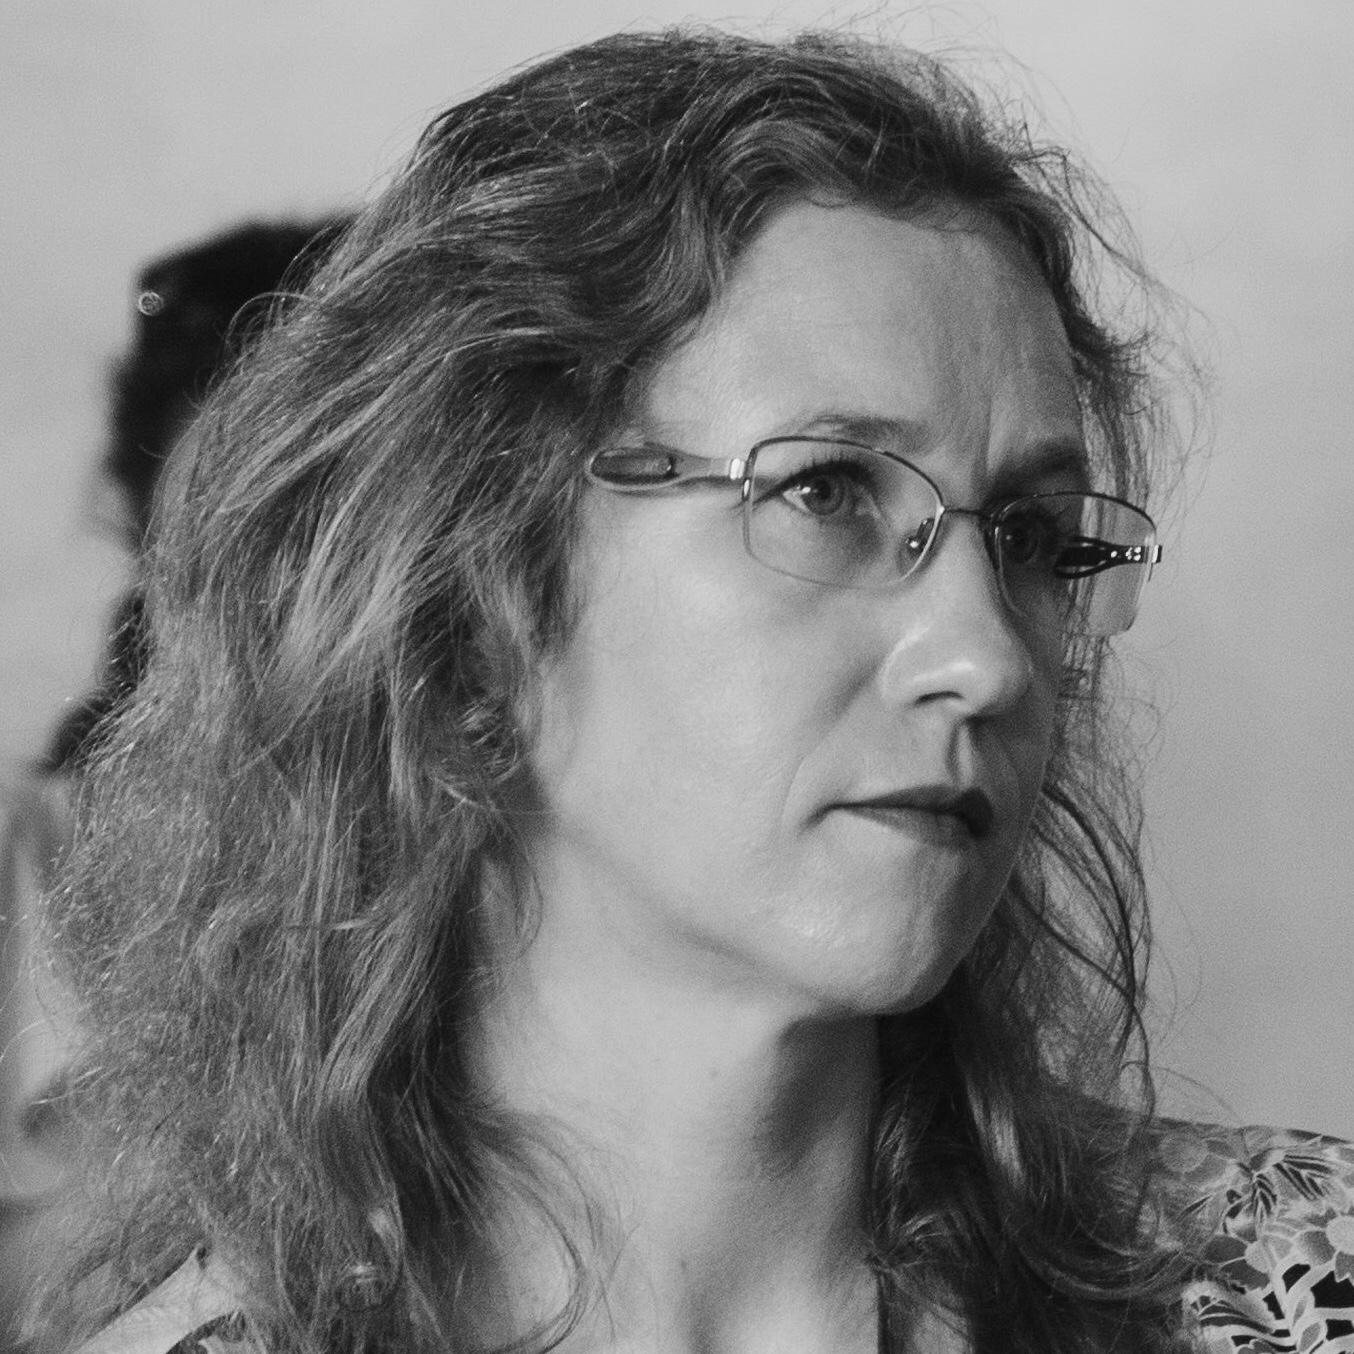 Irina Lokhtina